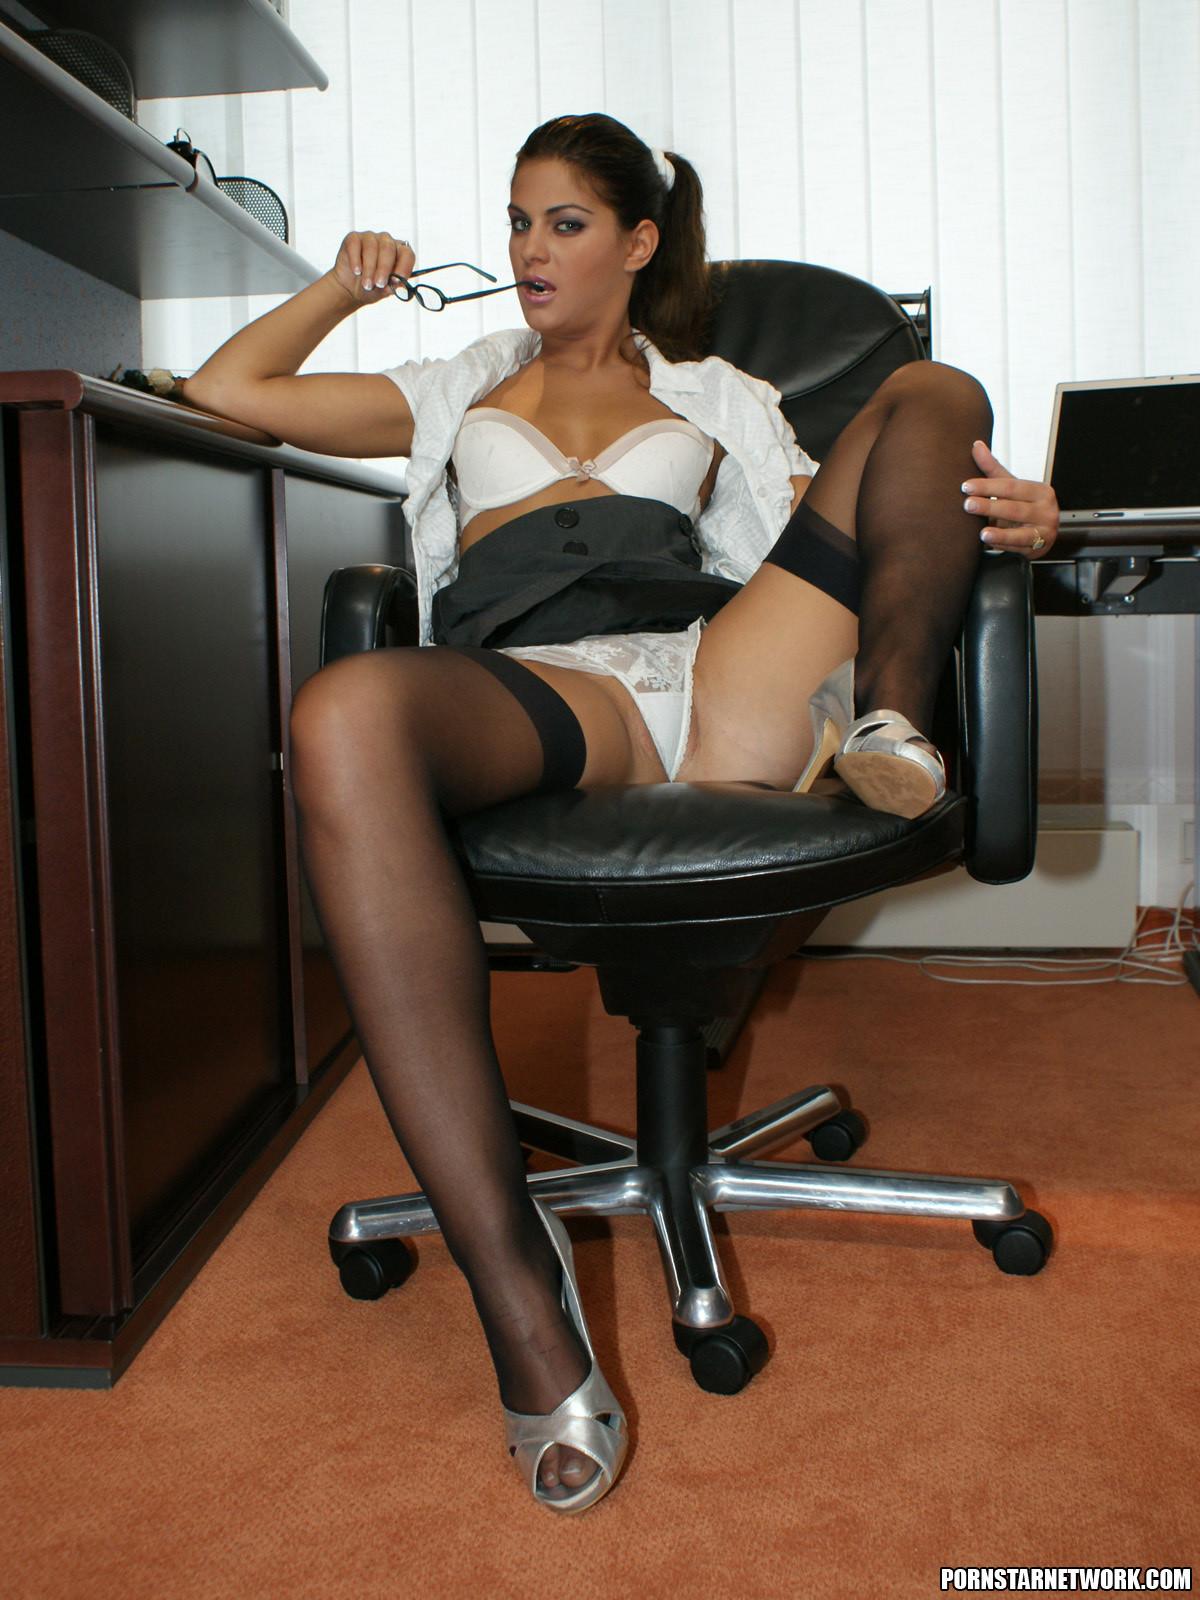 Шикарная проститутка в офисе